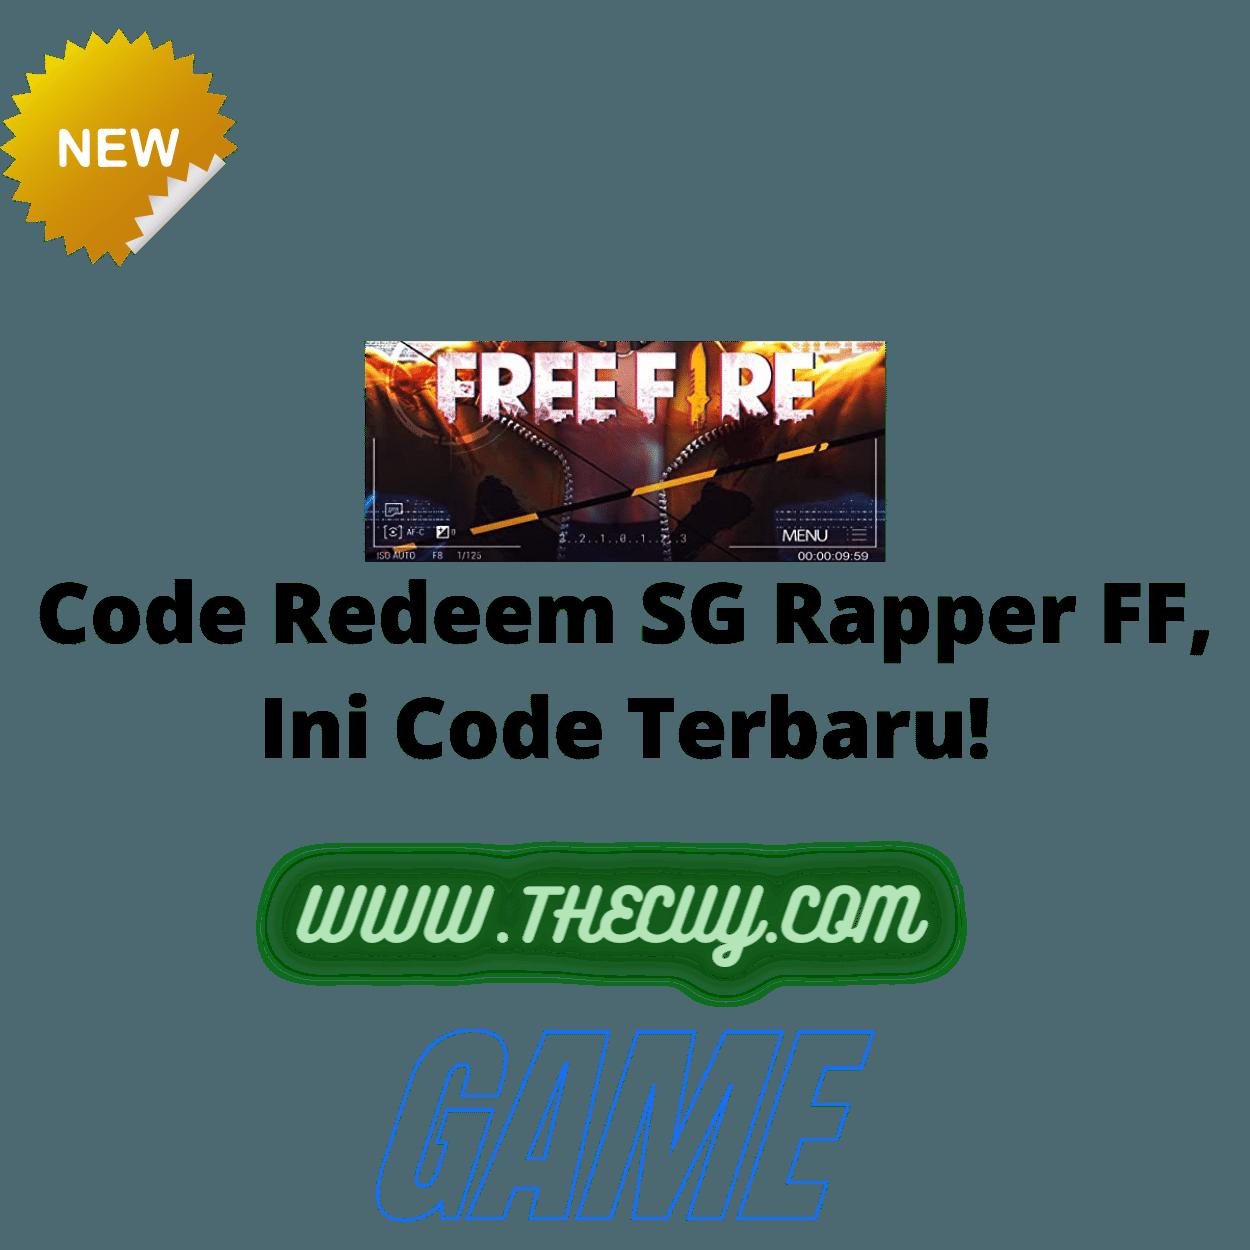 Code Redeem SG Rapper FF, Ini Code Terbaru!